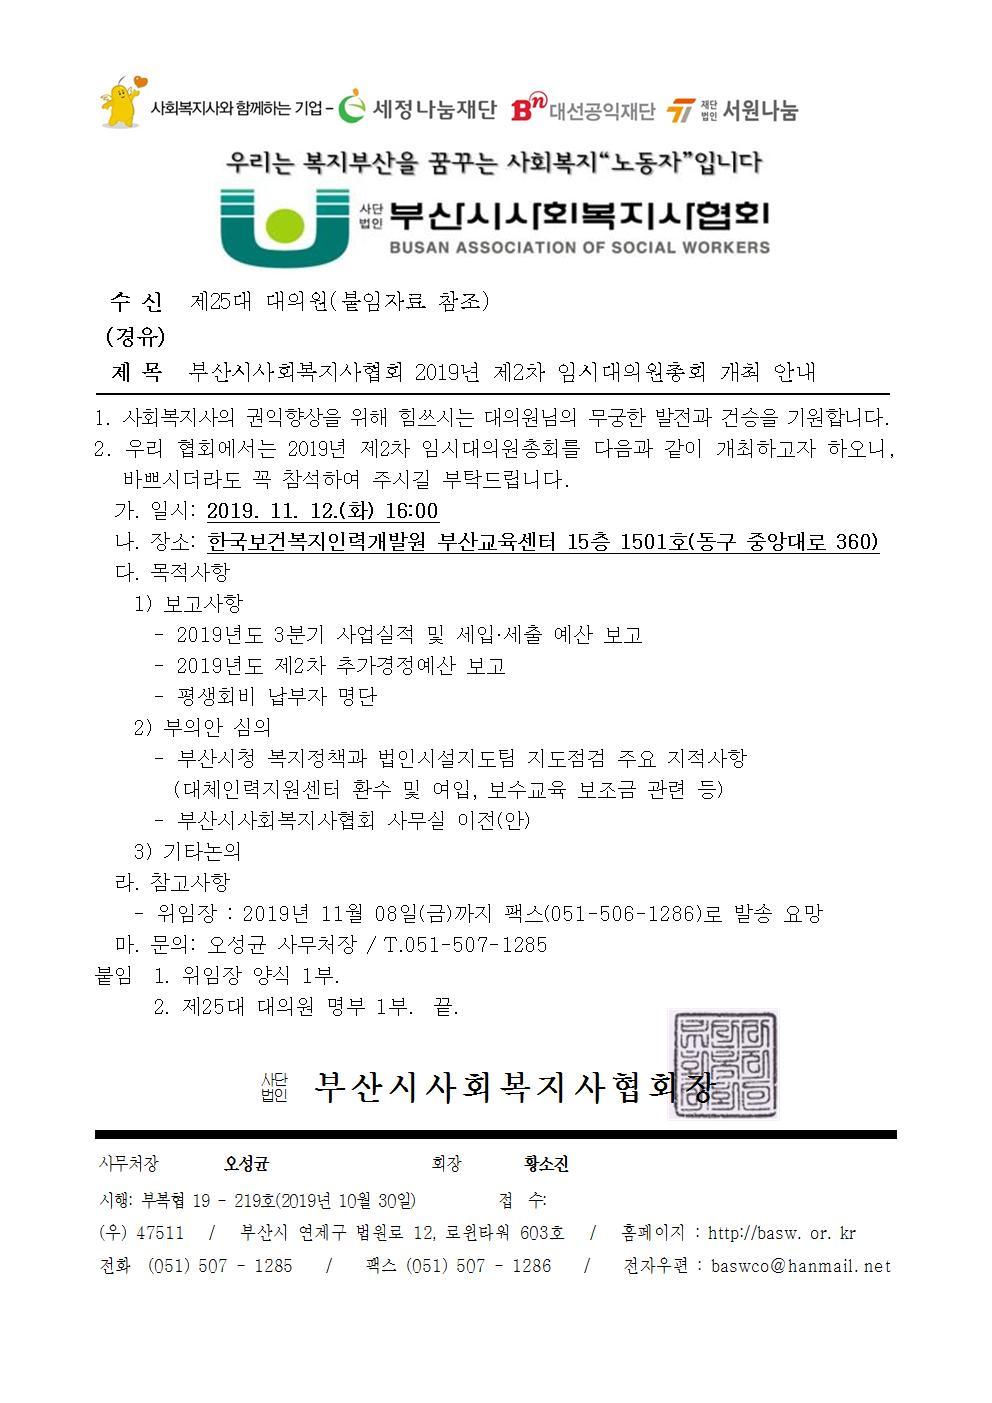 발송 - 2019년 임시대의원총회 개최 알림(11.12)공문.jpg